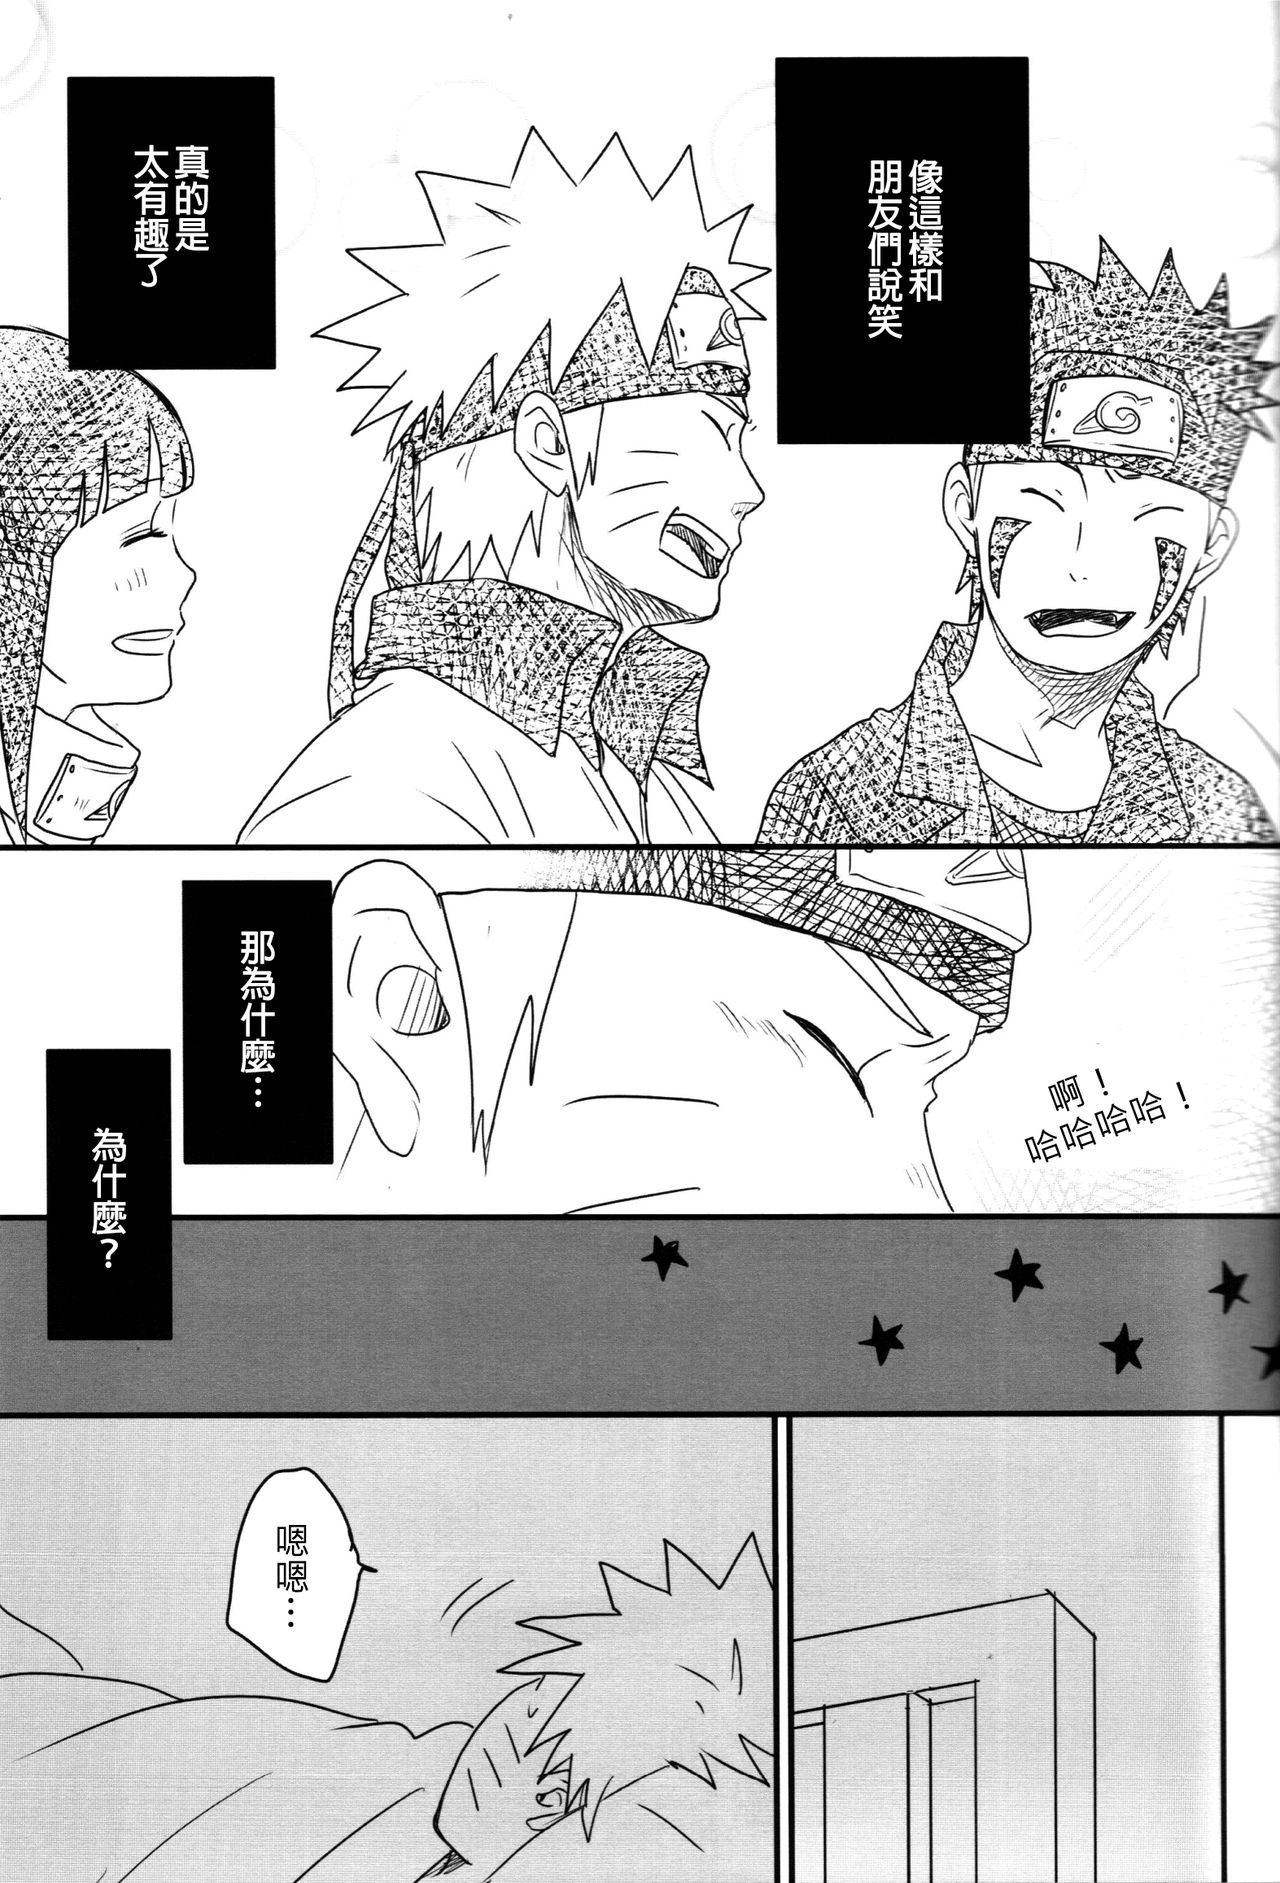 火影忍者鸣人和雏田本子:甜蜜的噩梦